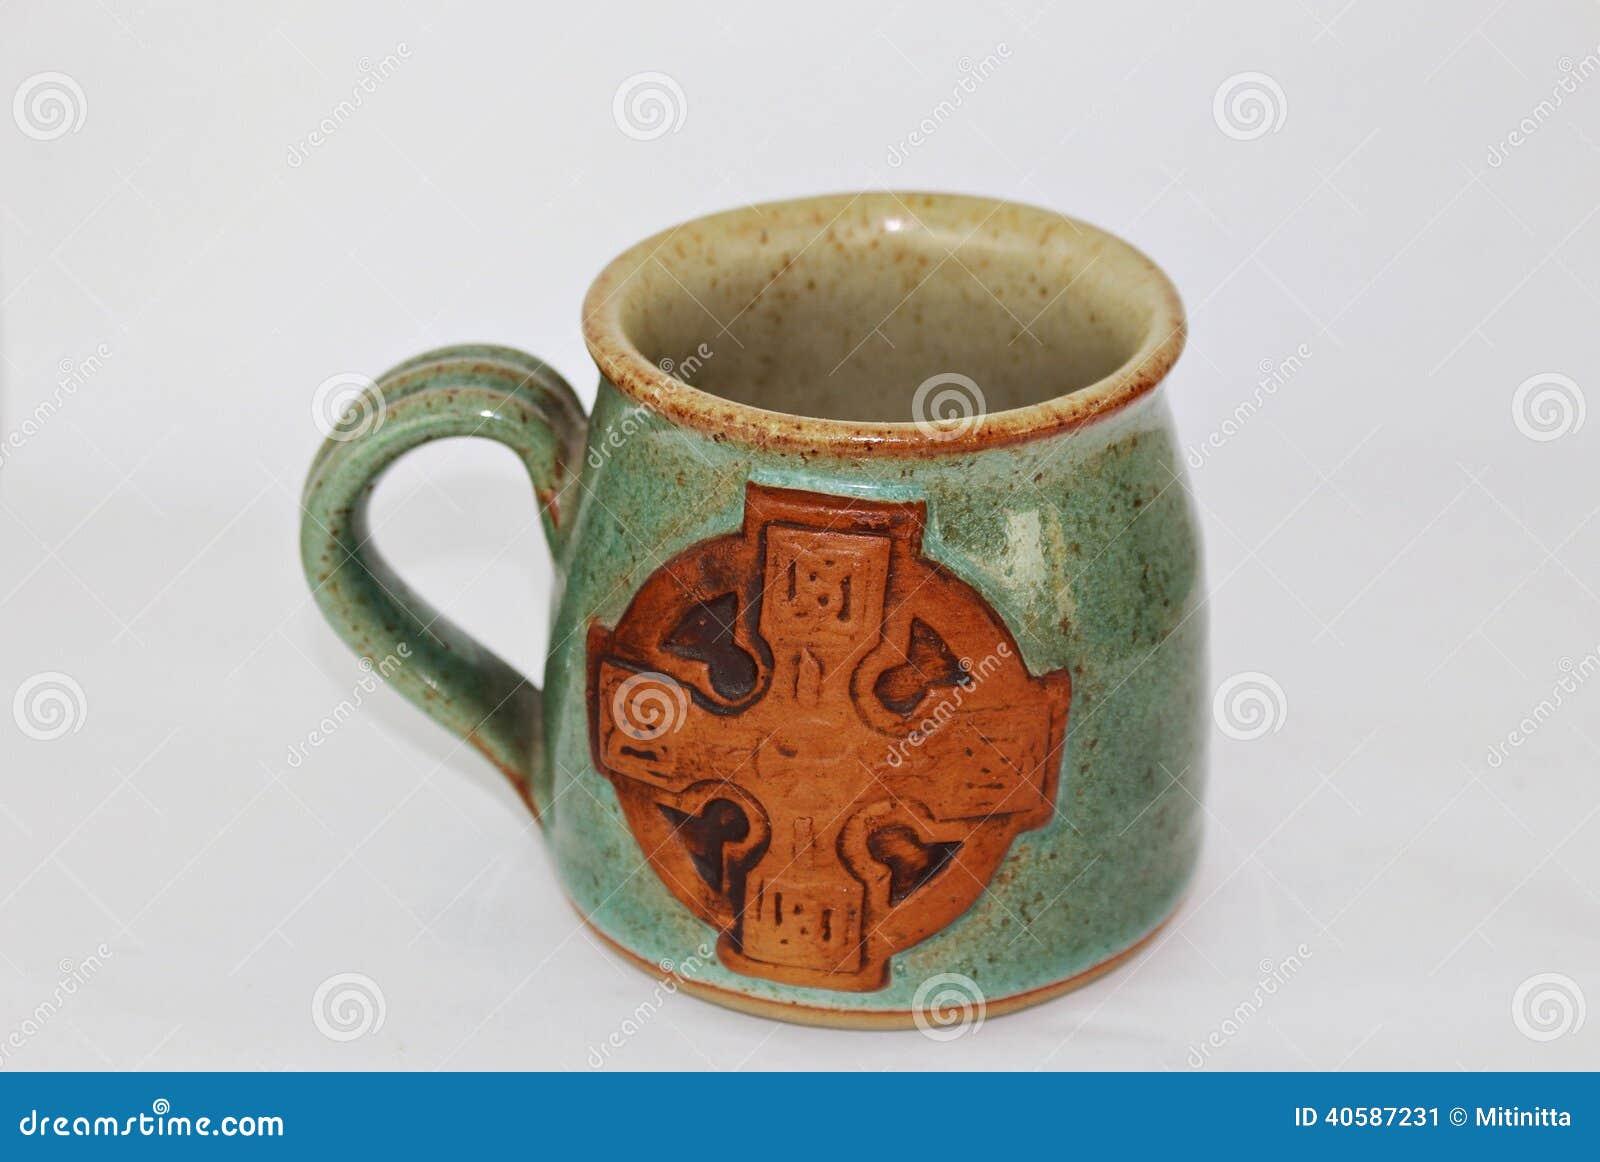 Кельтская кружка